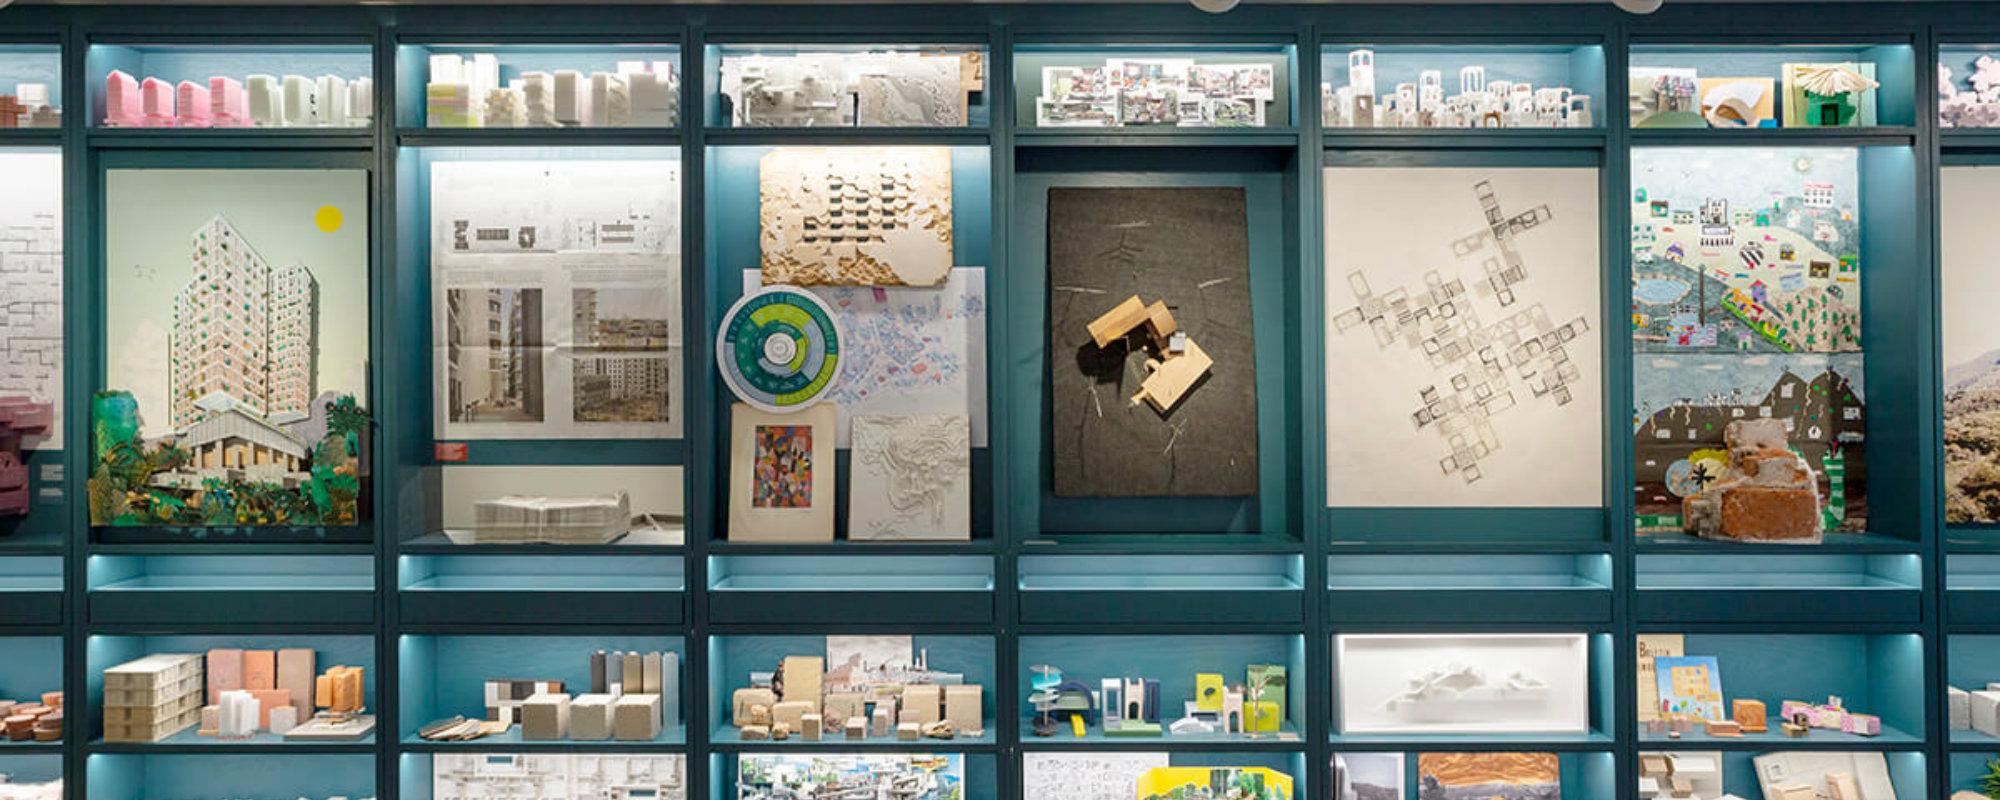 Tatiana Bilbao: Una das más influentes interioristas y arquitectas en México tatiana bilbao Tatiana Bilbao: Una das más influentes interioristas y arquitectas en México Featured